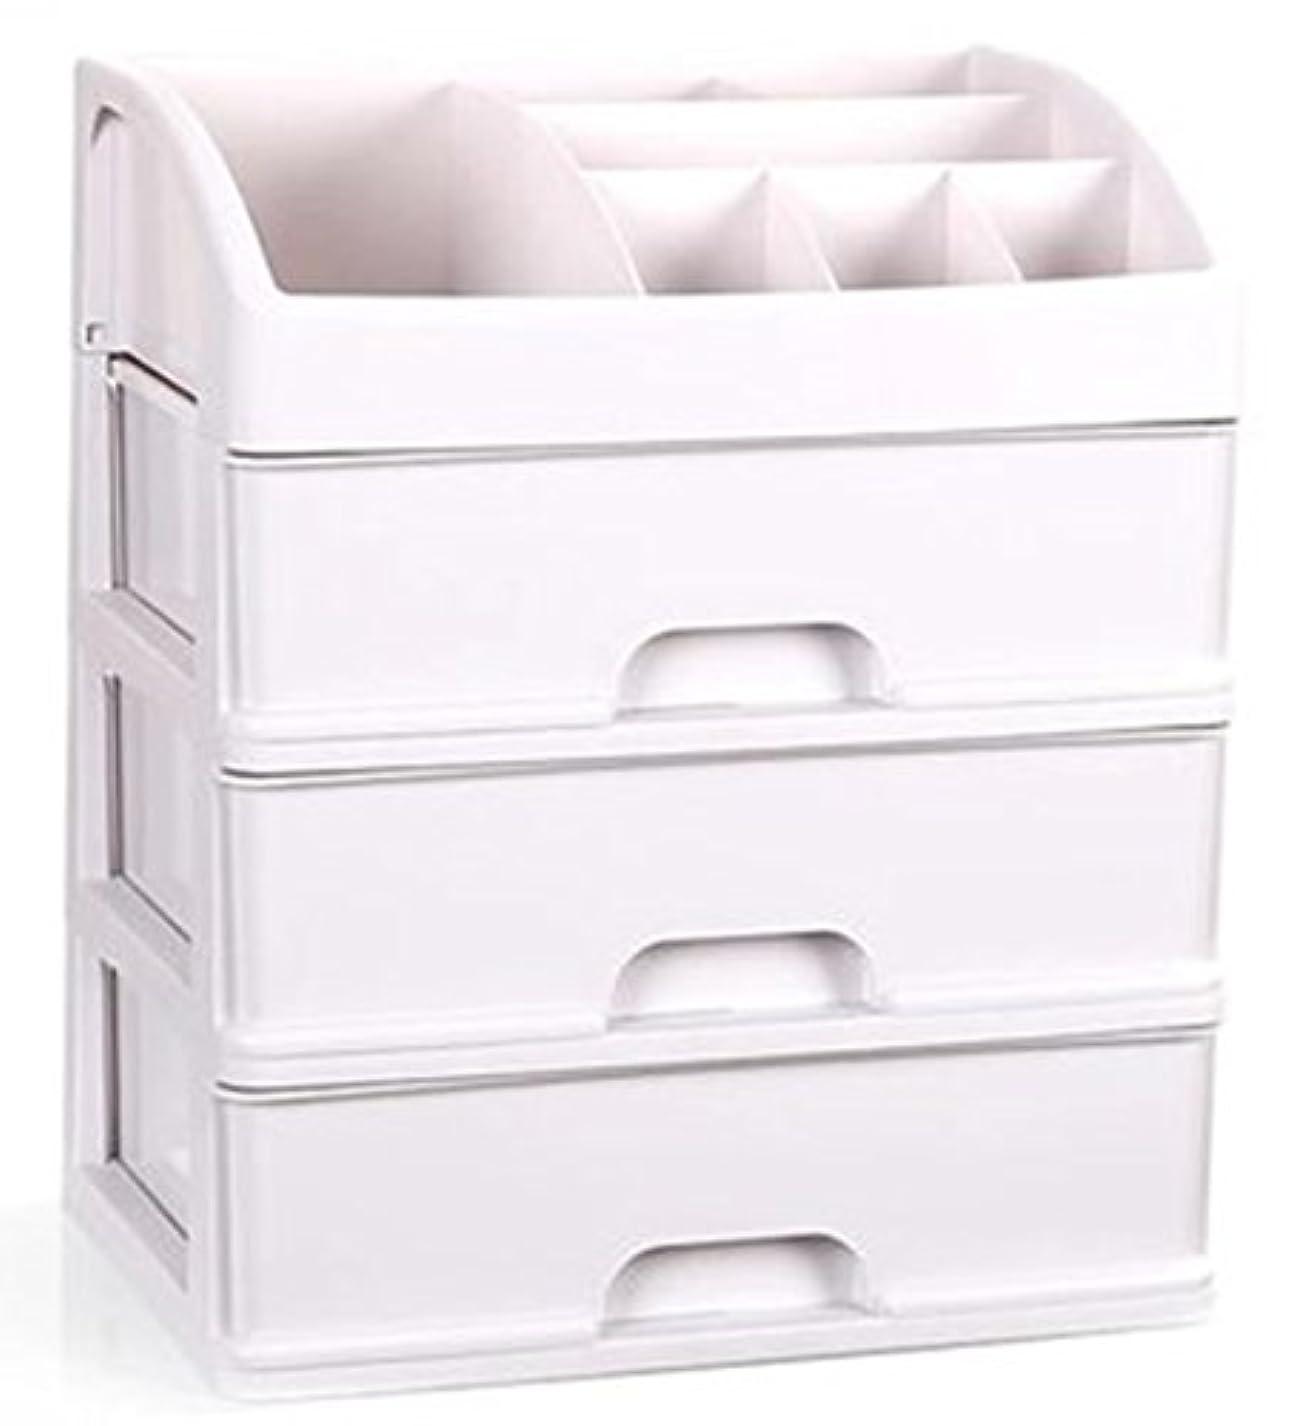 羊核オーバーランZUOMAメークボックス 化粧品収納ボックス コスメスタンド 引き出し式 メークケース 小物/化粧品入れ コスメ収納 透明アクリル 大容量 (ホワイト34*25*40CM(3層))